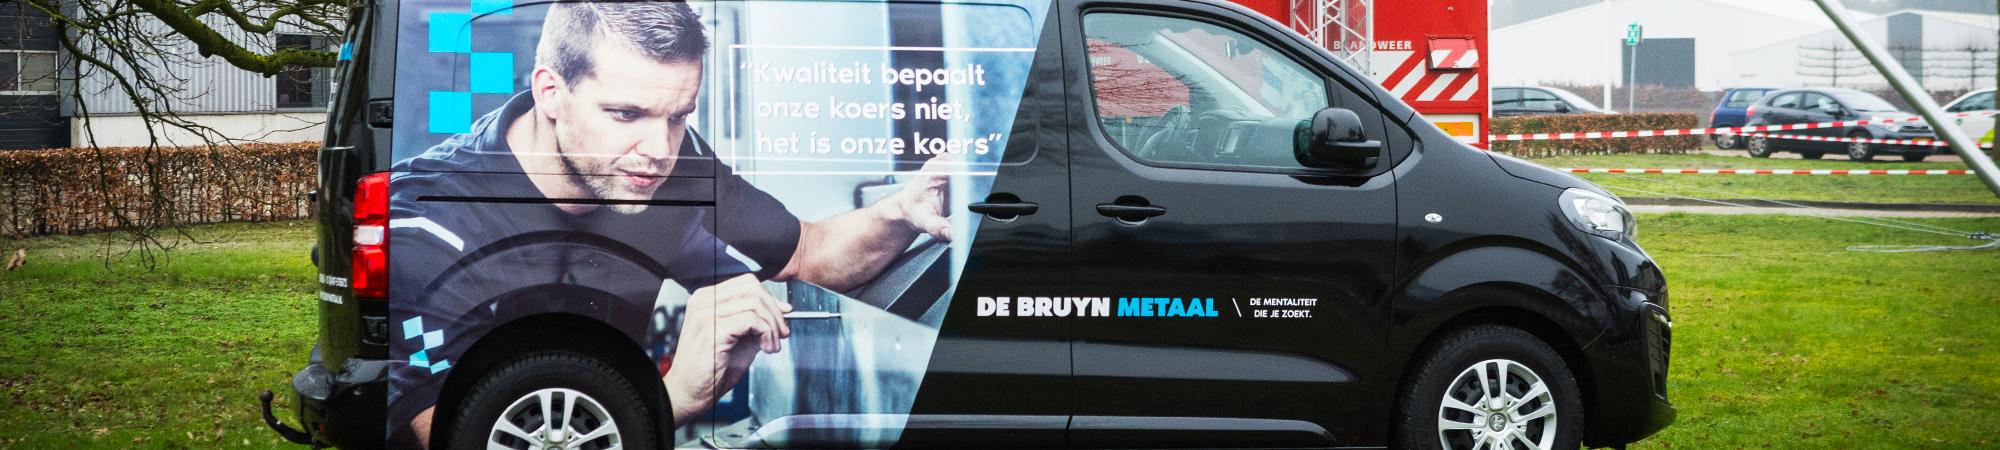 Bestelbussen - De Bruyn Metaal